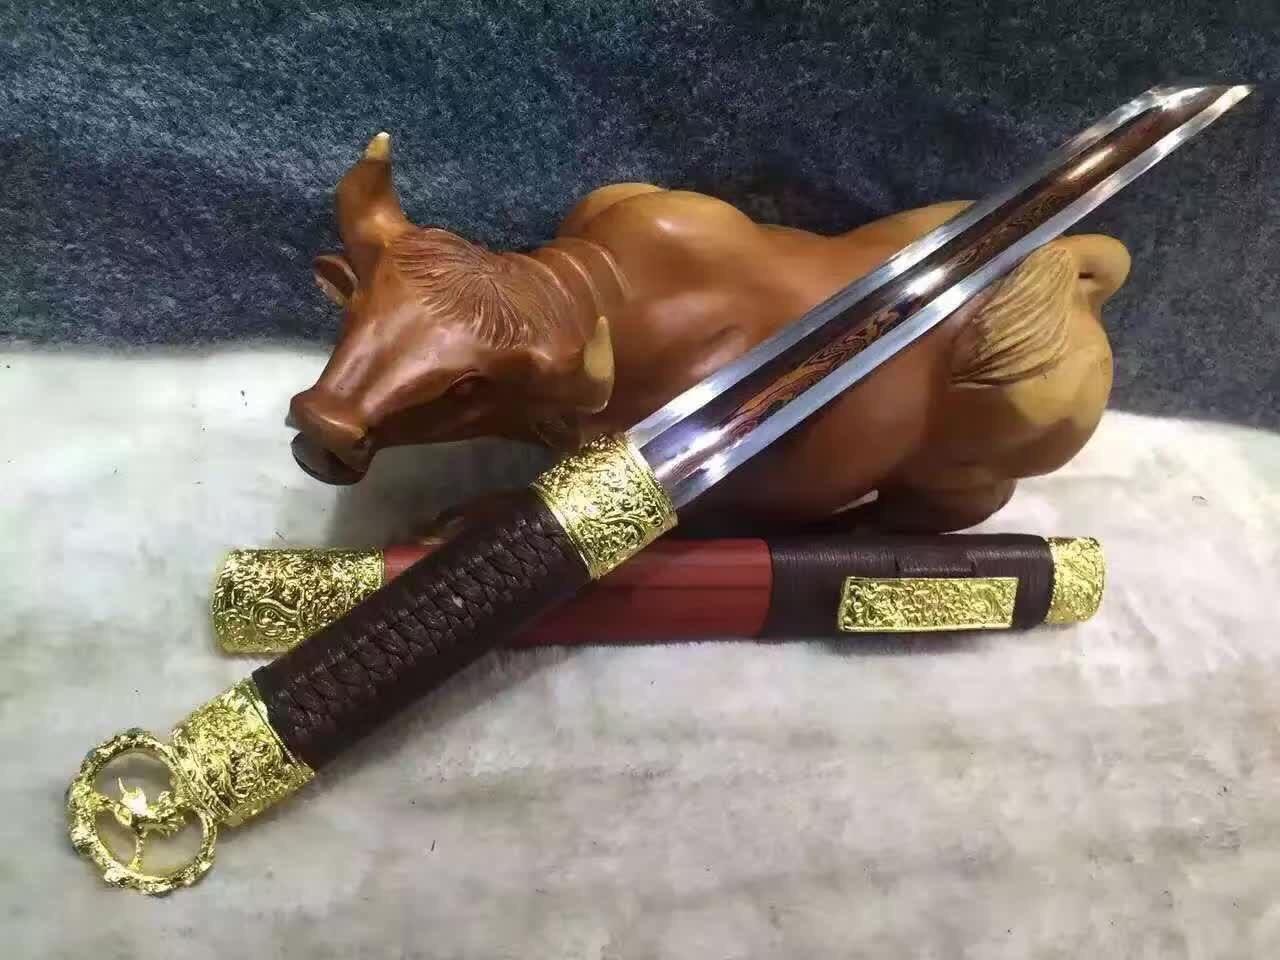 龙泉刀剑 厂家直销 环首刀 唐刀花纹钢发红 日本刀 批发 未开刃